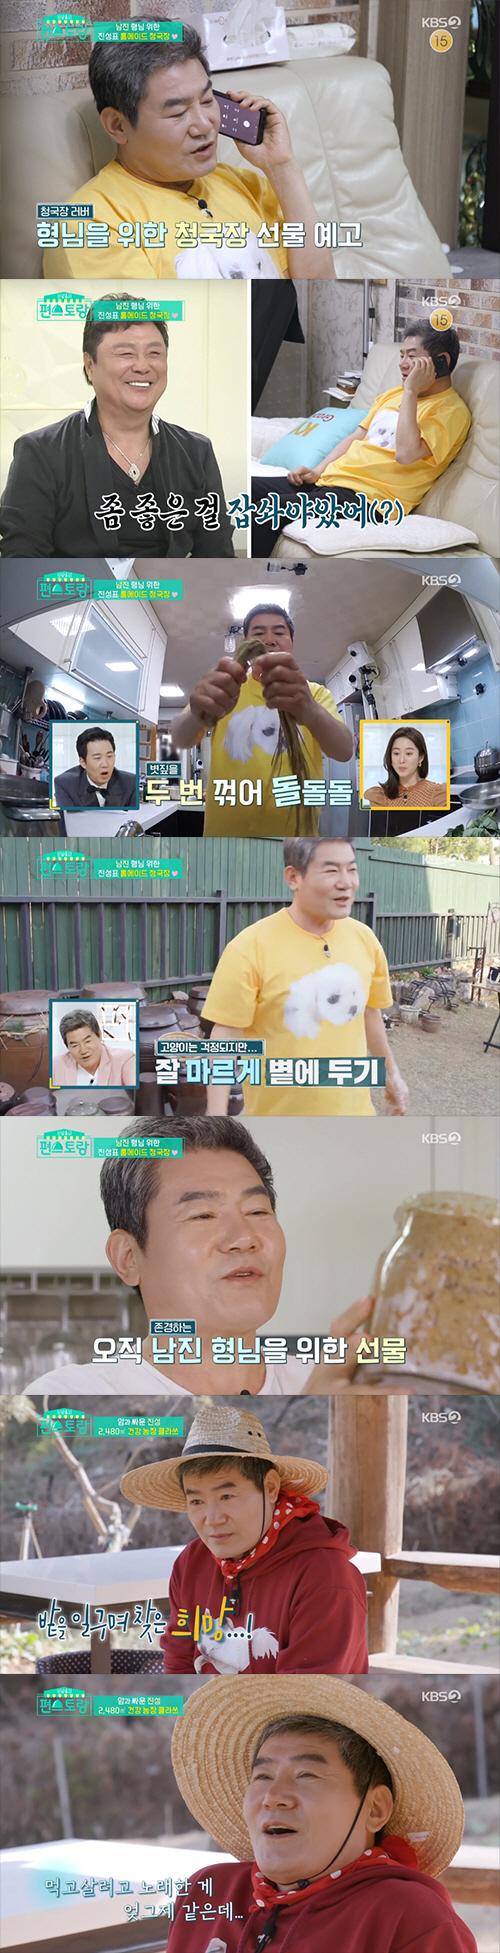 전혜빈, 6일 만에 샤워 후..마다가스카르인 될 뻔 - 조선닷컴